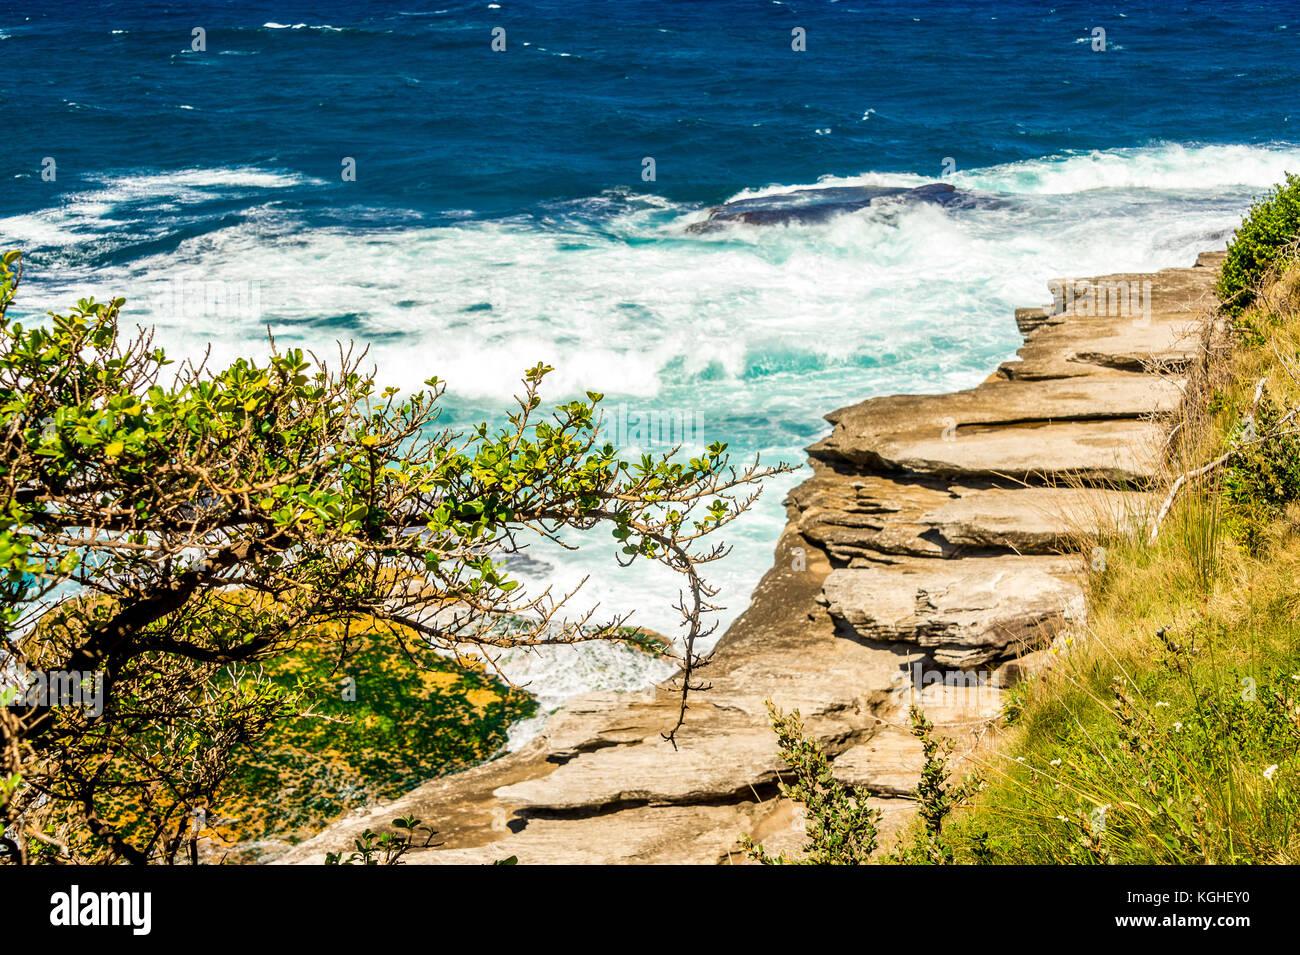 The view on the Bondi to Tamarama Beach walk in Sydney, NSW, Australia Stock Photo